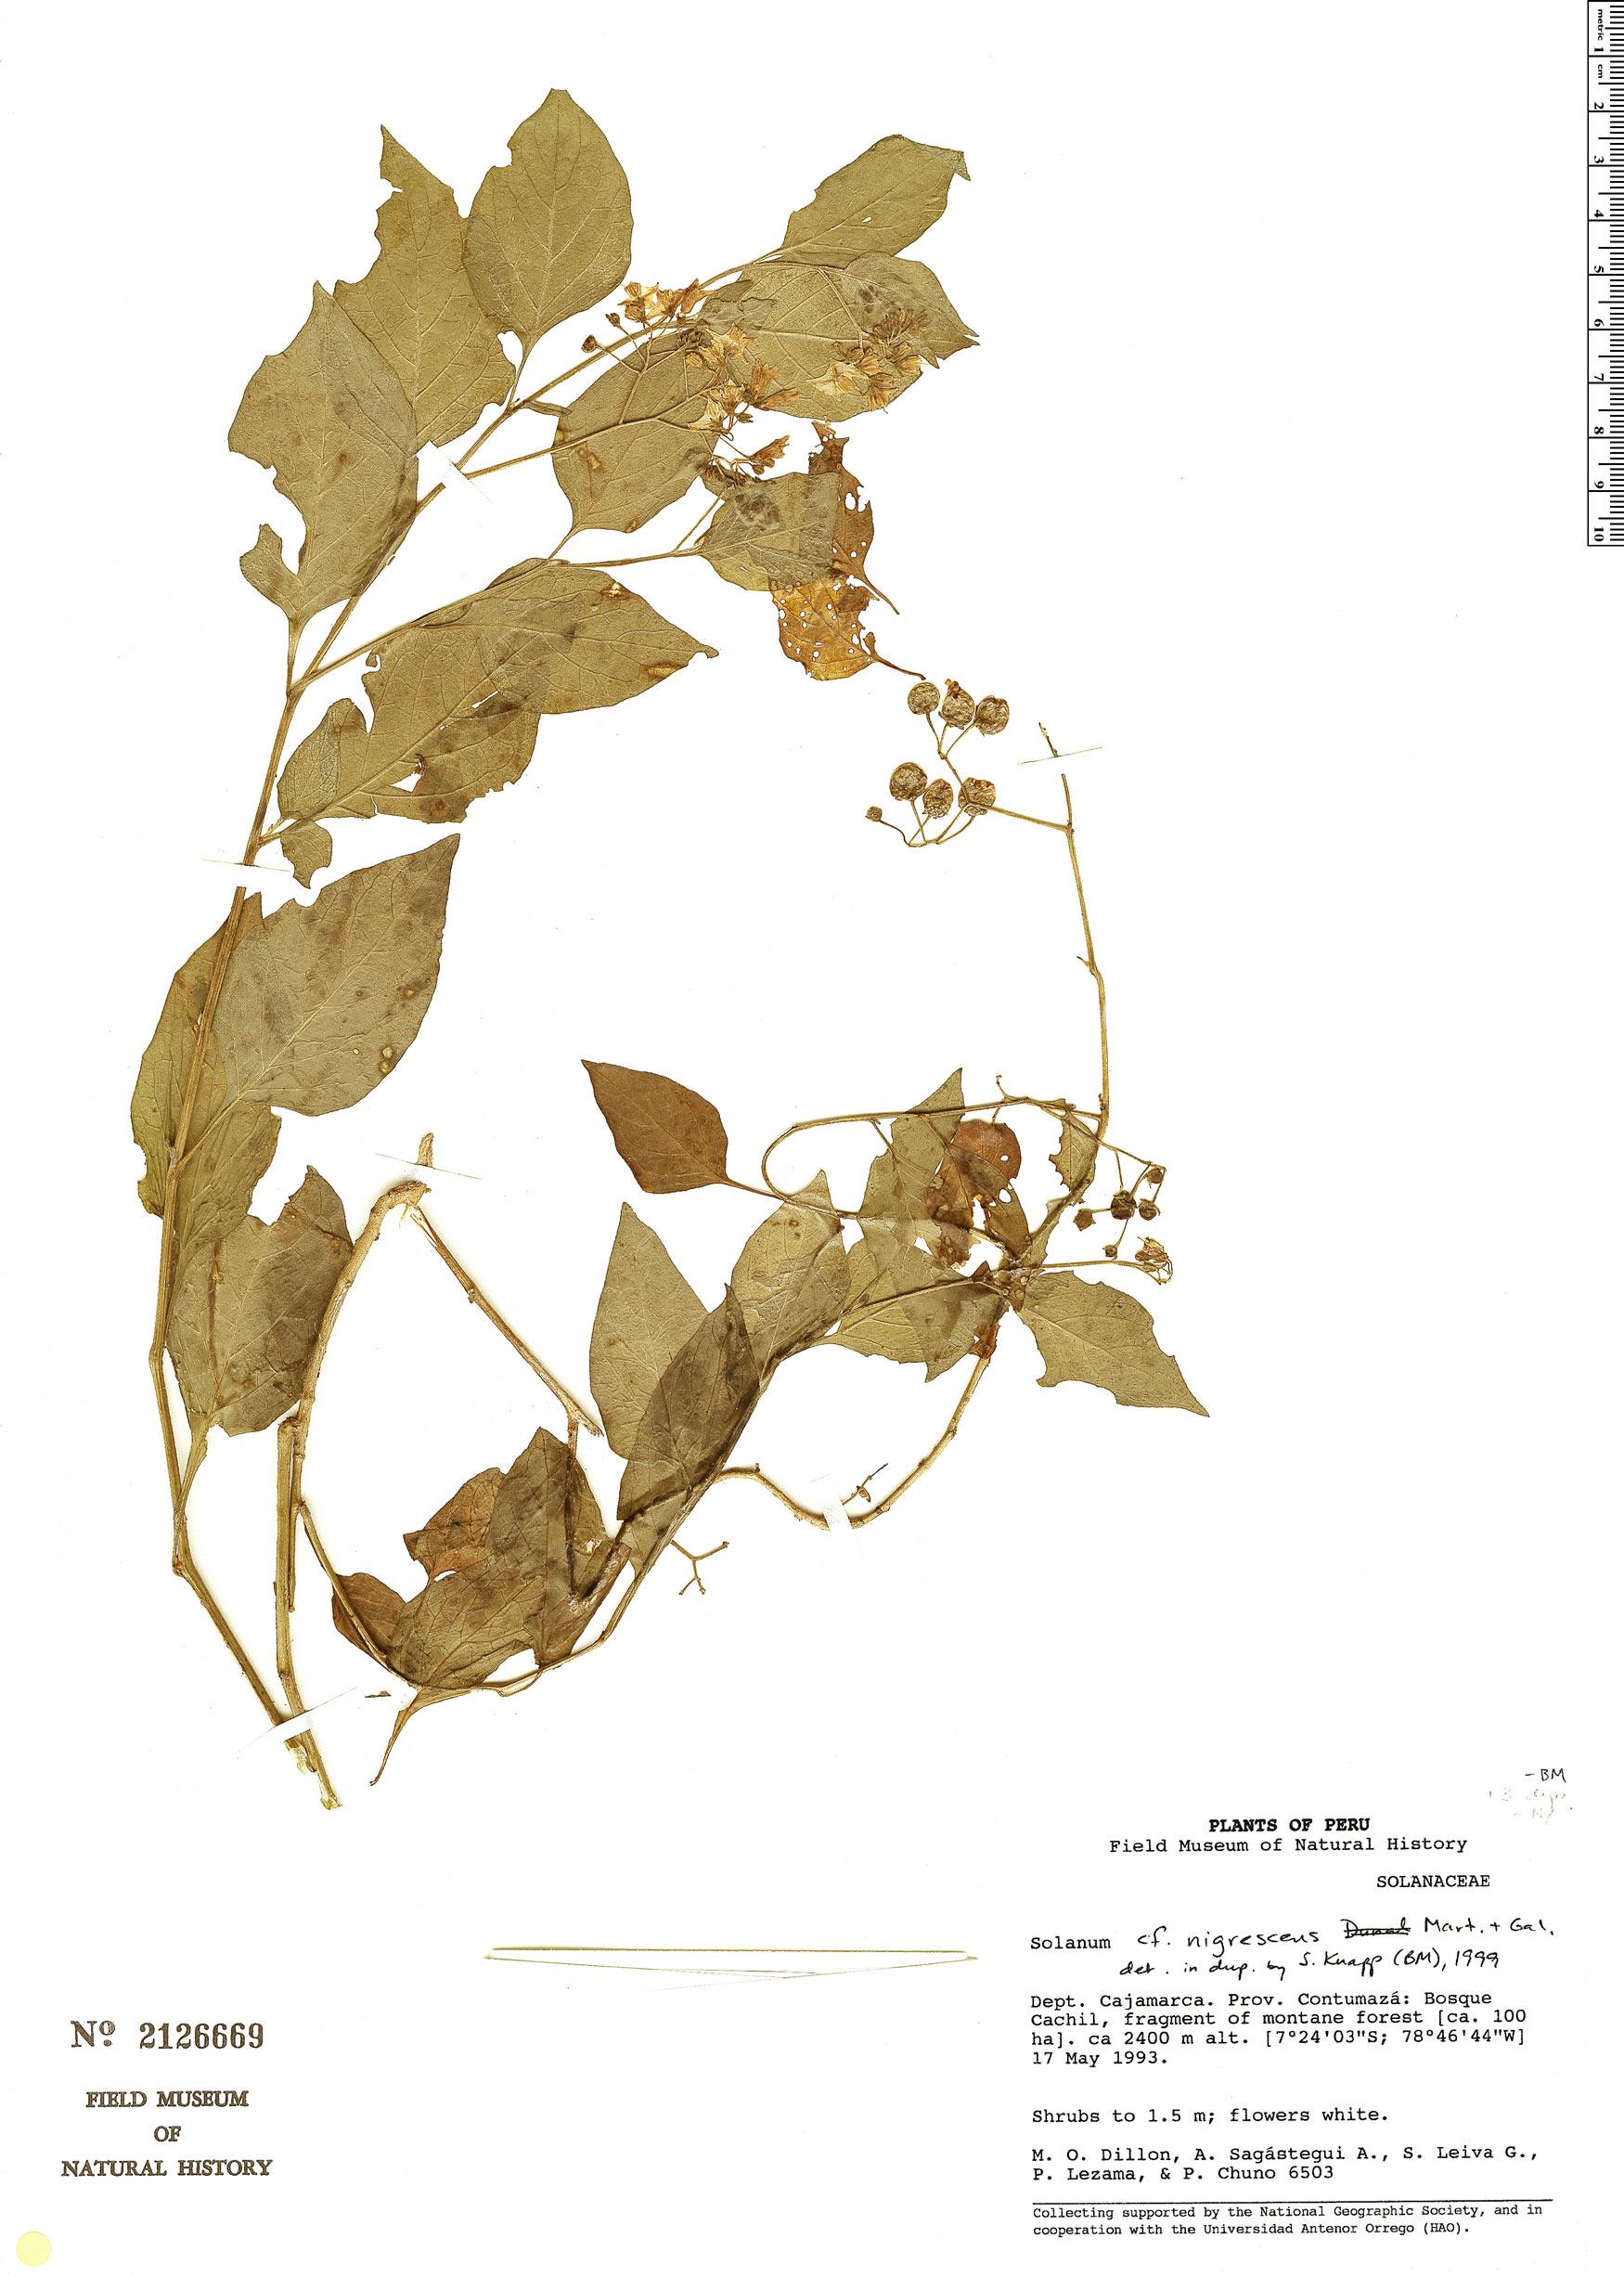 Specimen: Solanum nigrescens